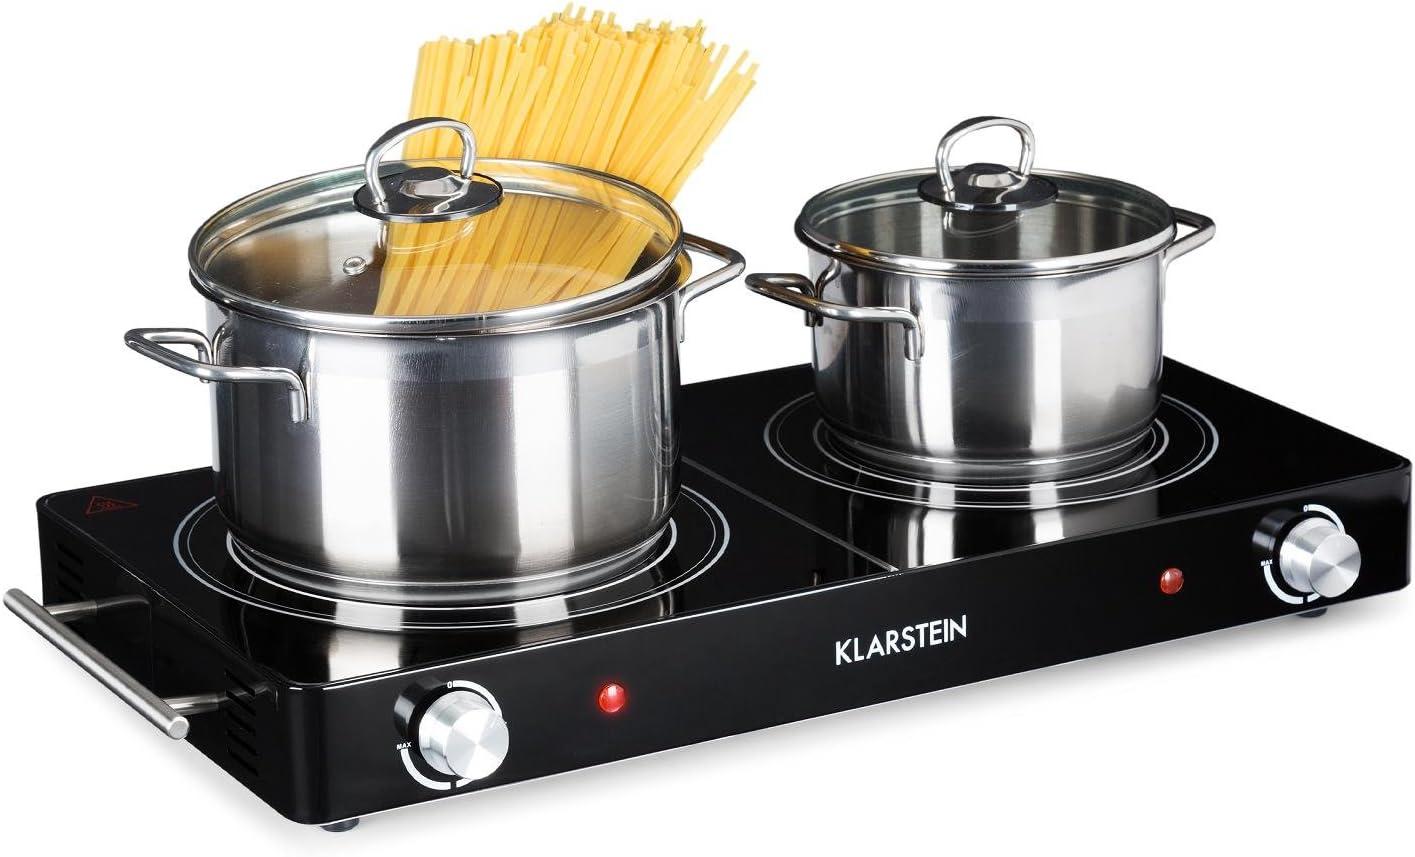 Klarstein VariCook Duo - Placa de cocina, Hornillo eléctrico, Cocina eléctrica, Potencia 3000W, Cocción por infrarrojos, Radiador halógeno, Fogones de 20 y 16,5cm, Acero inoxidable, Negro